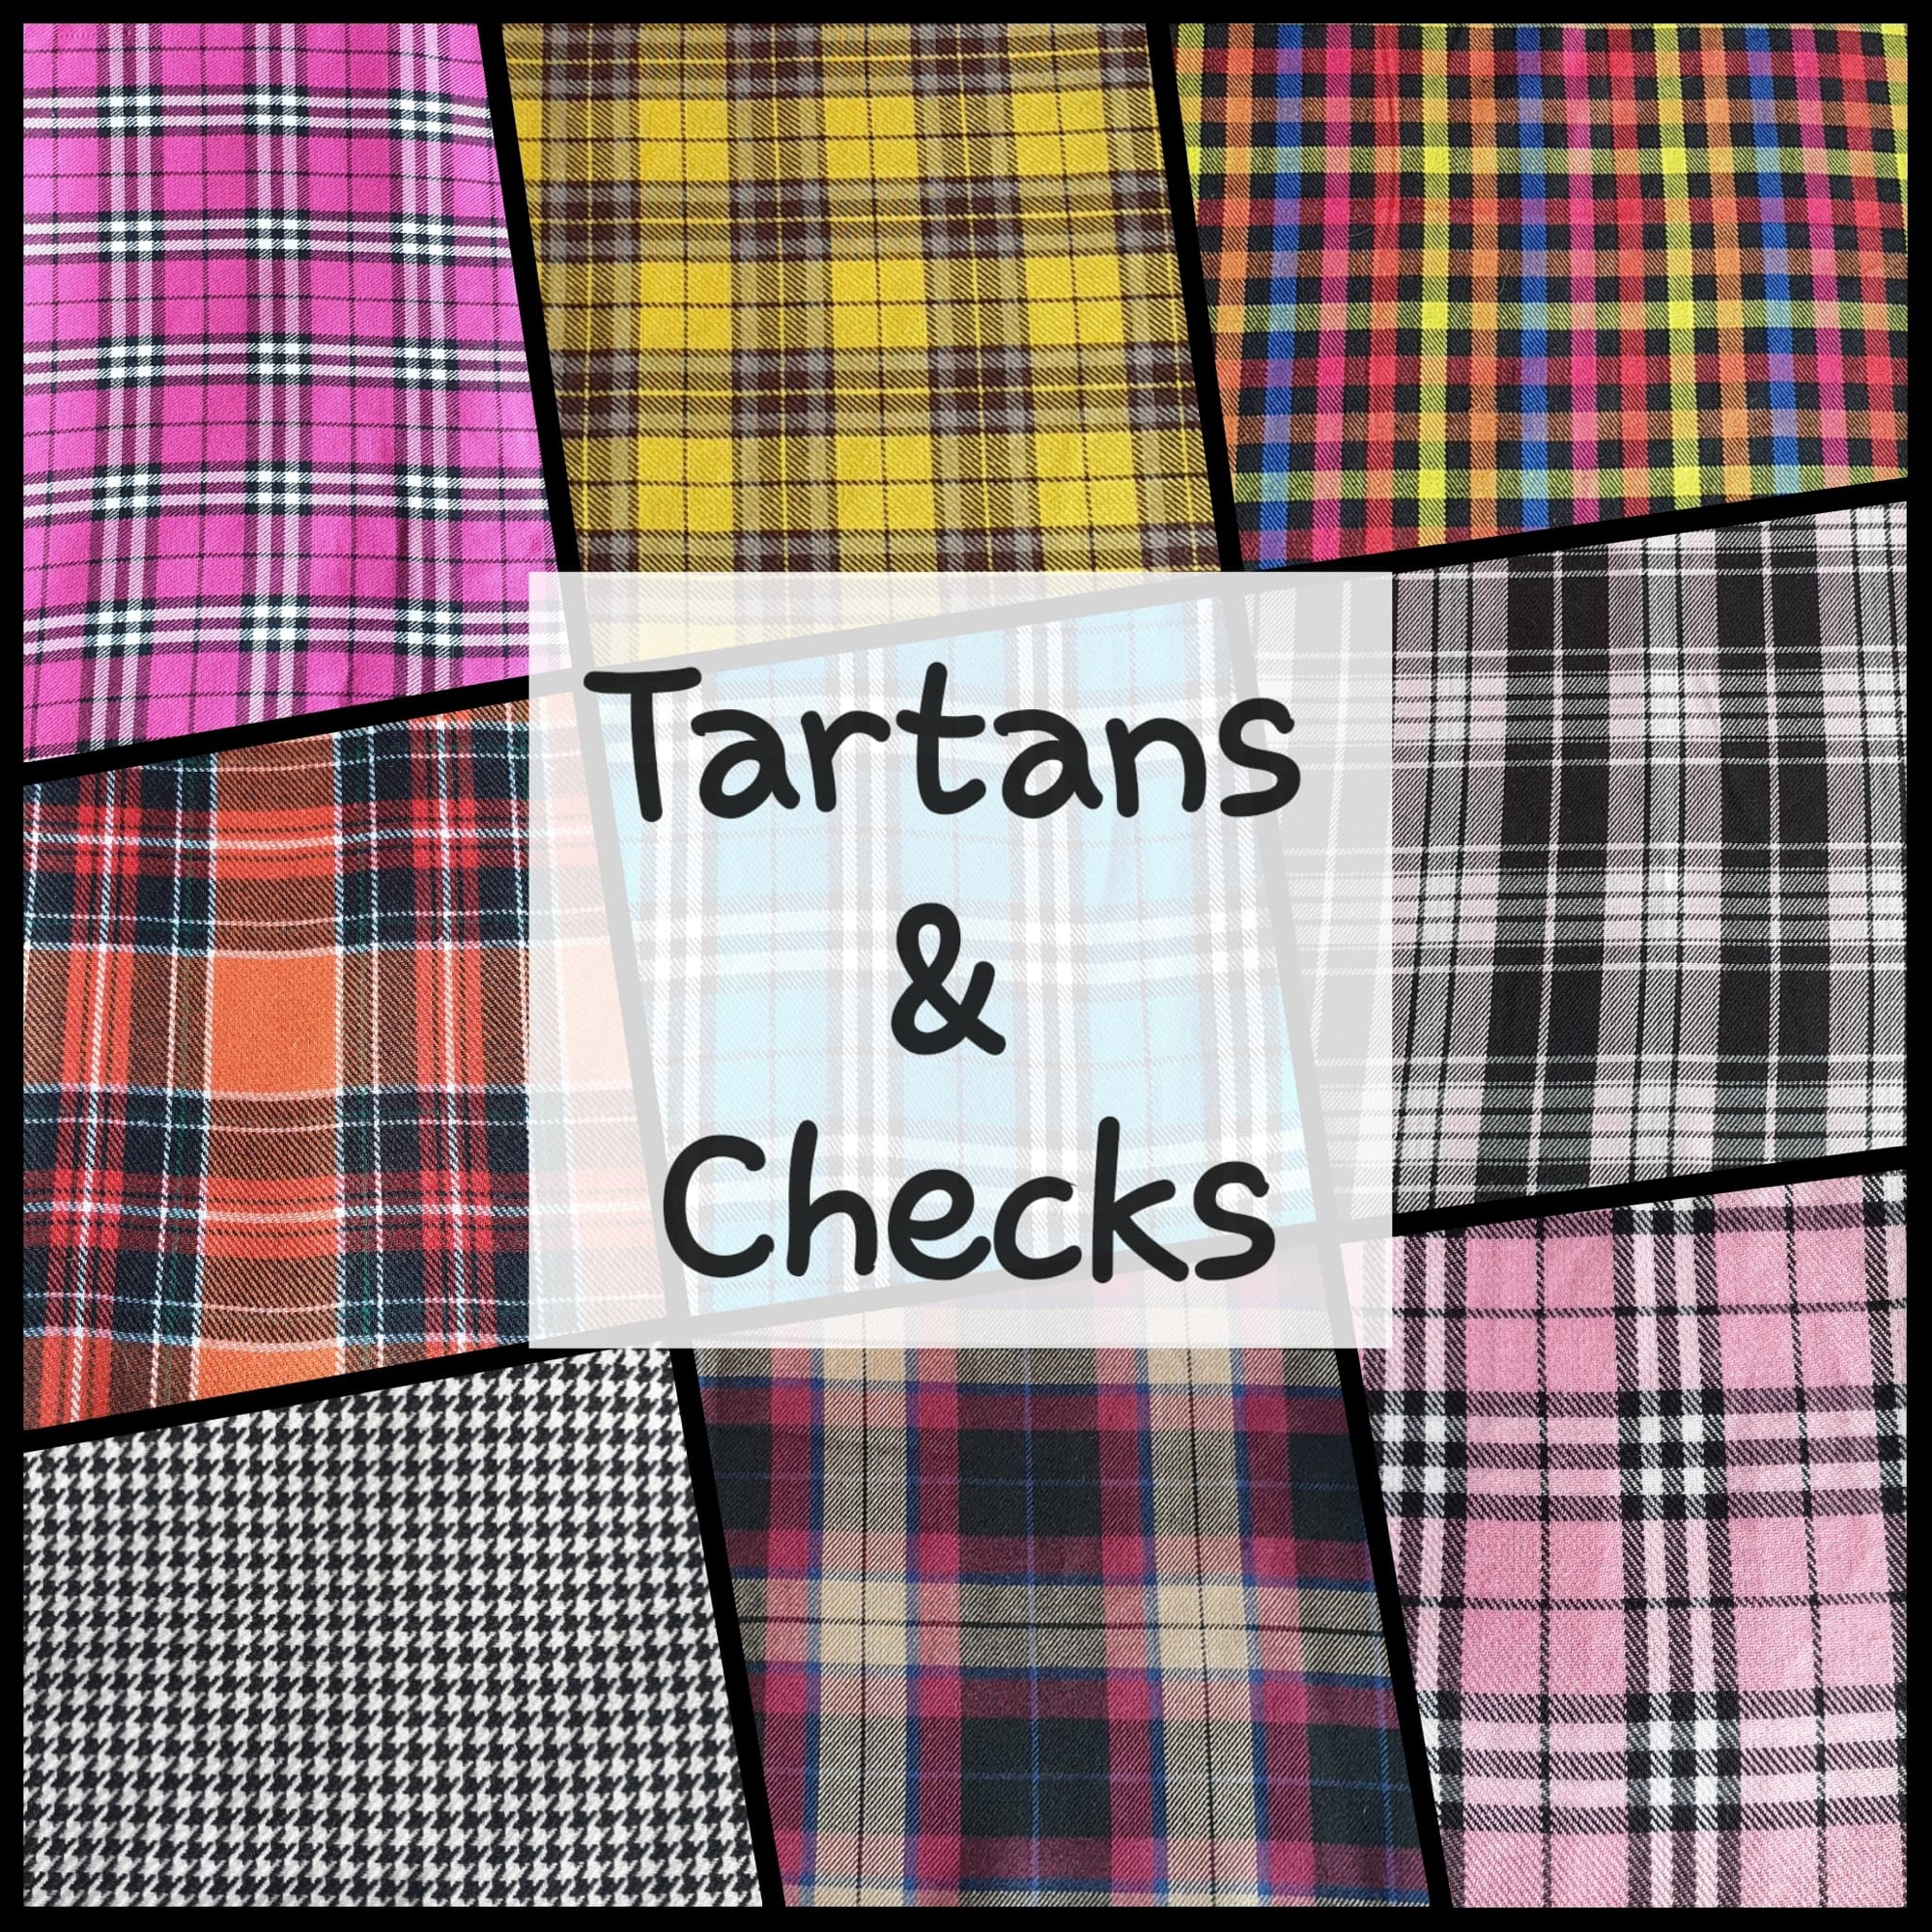 Tartans & Checks